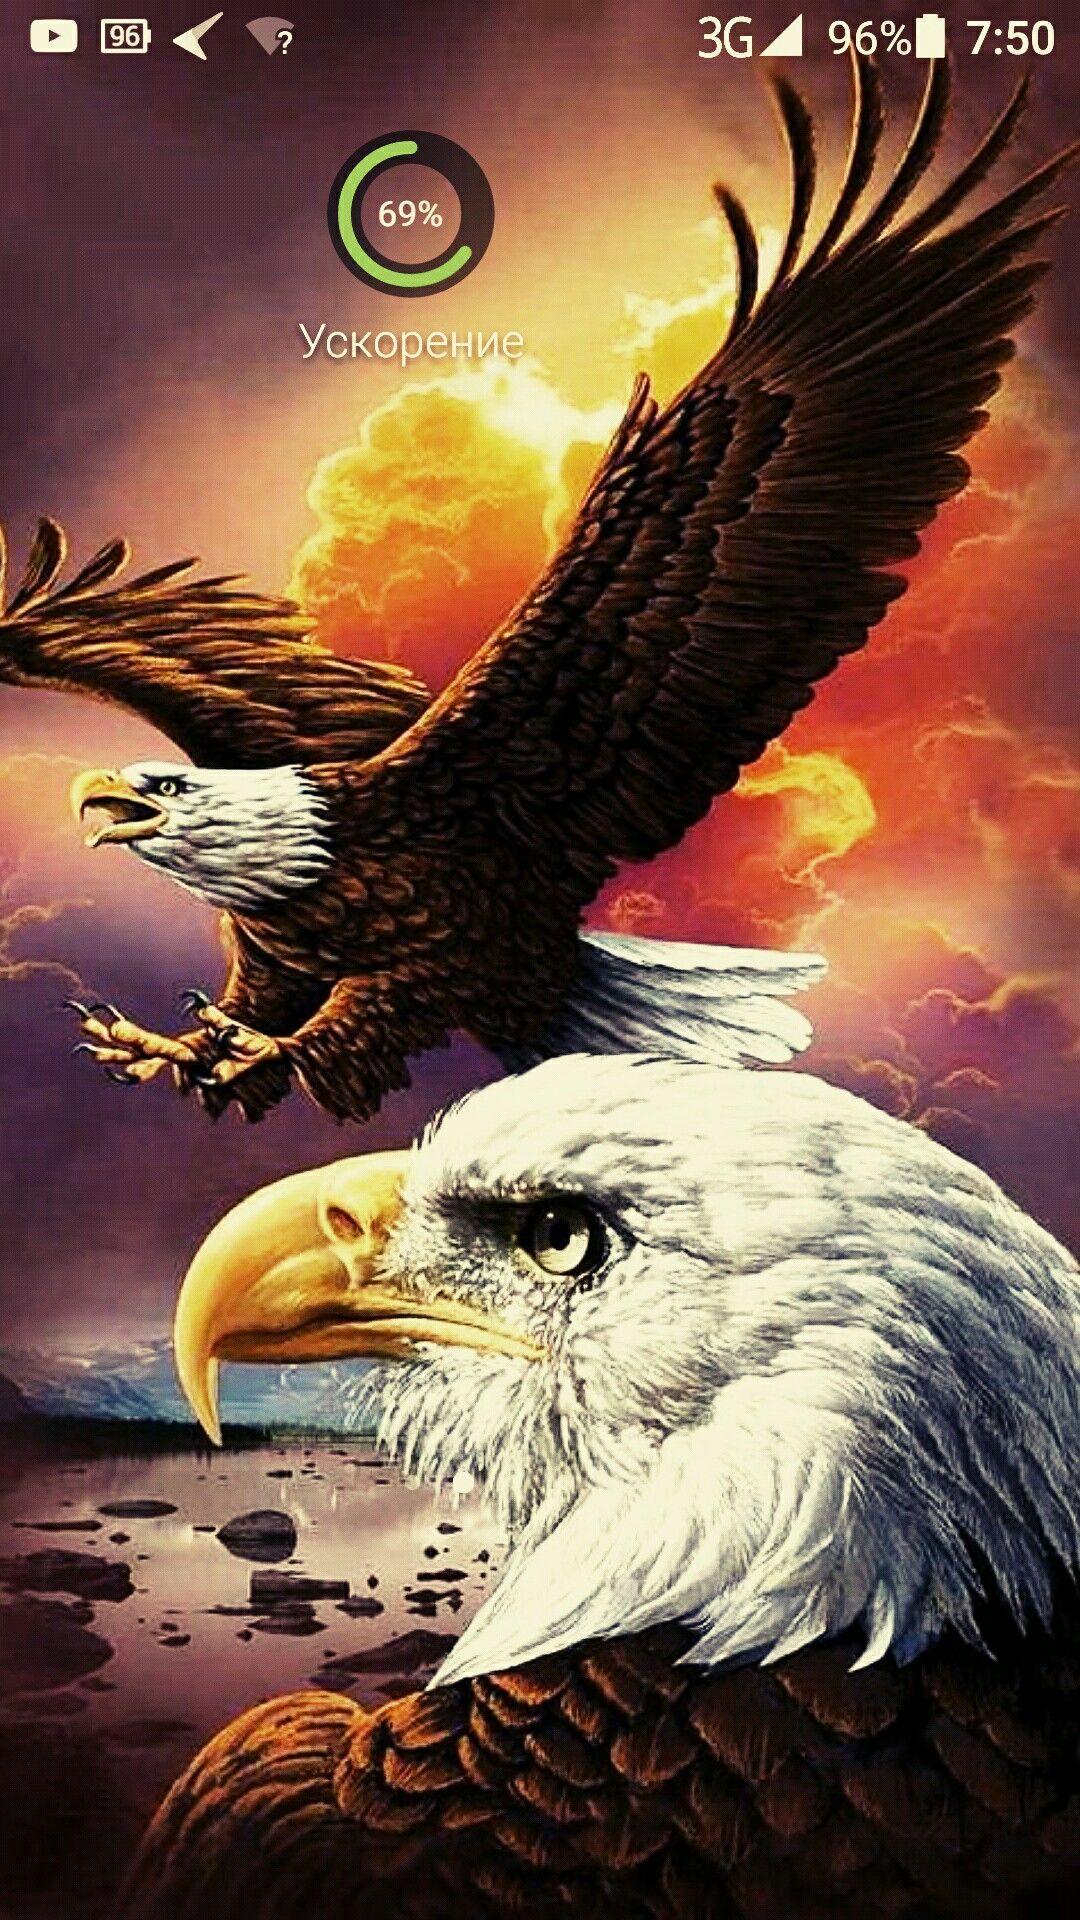 Pin Van Atila Yilmaz Op Barbekyu The Eagles Roofvogels Huisdier Vogel